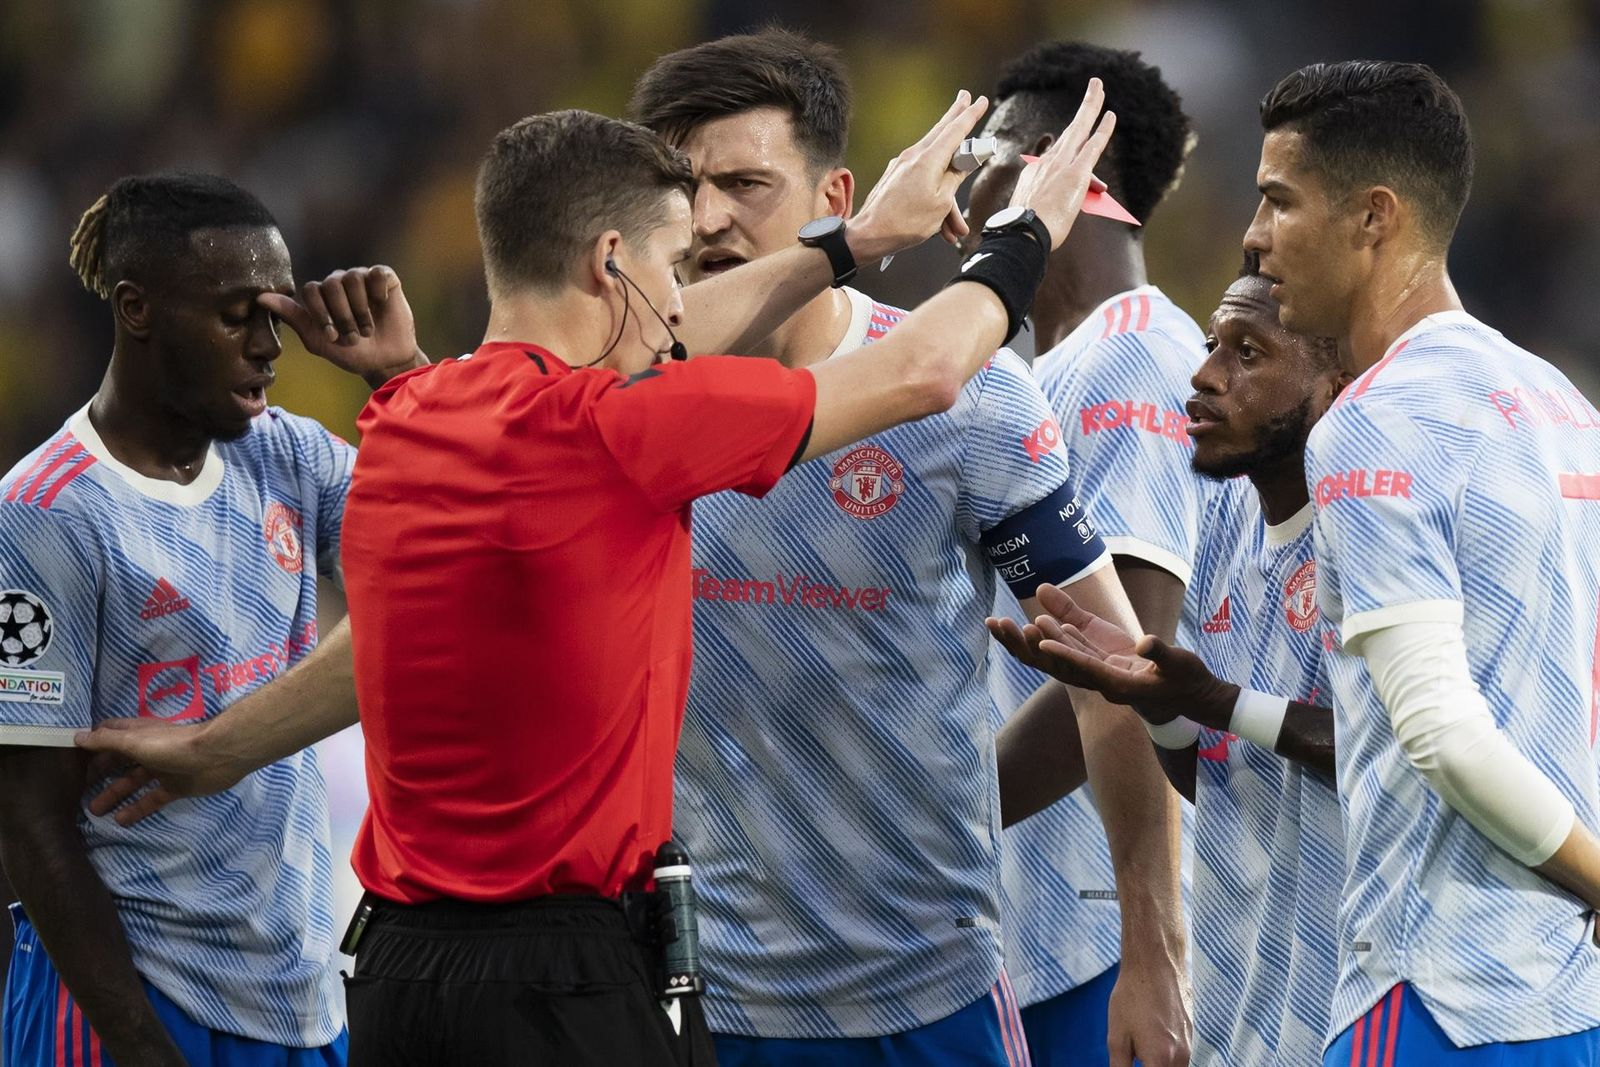 El Young Boys apaga a Cristiano Ronaldo; derrota al Manchester United en arranque de la Champions League